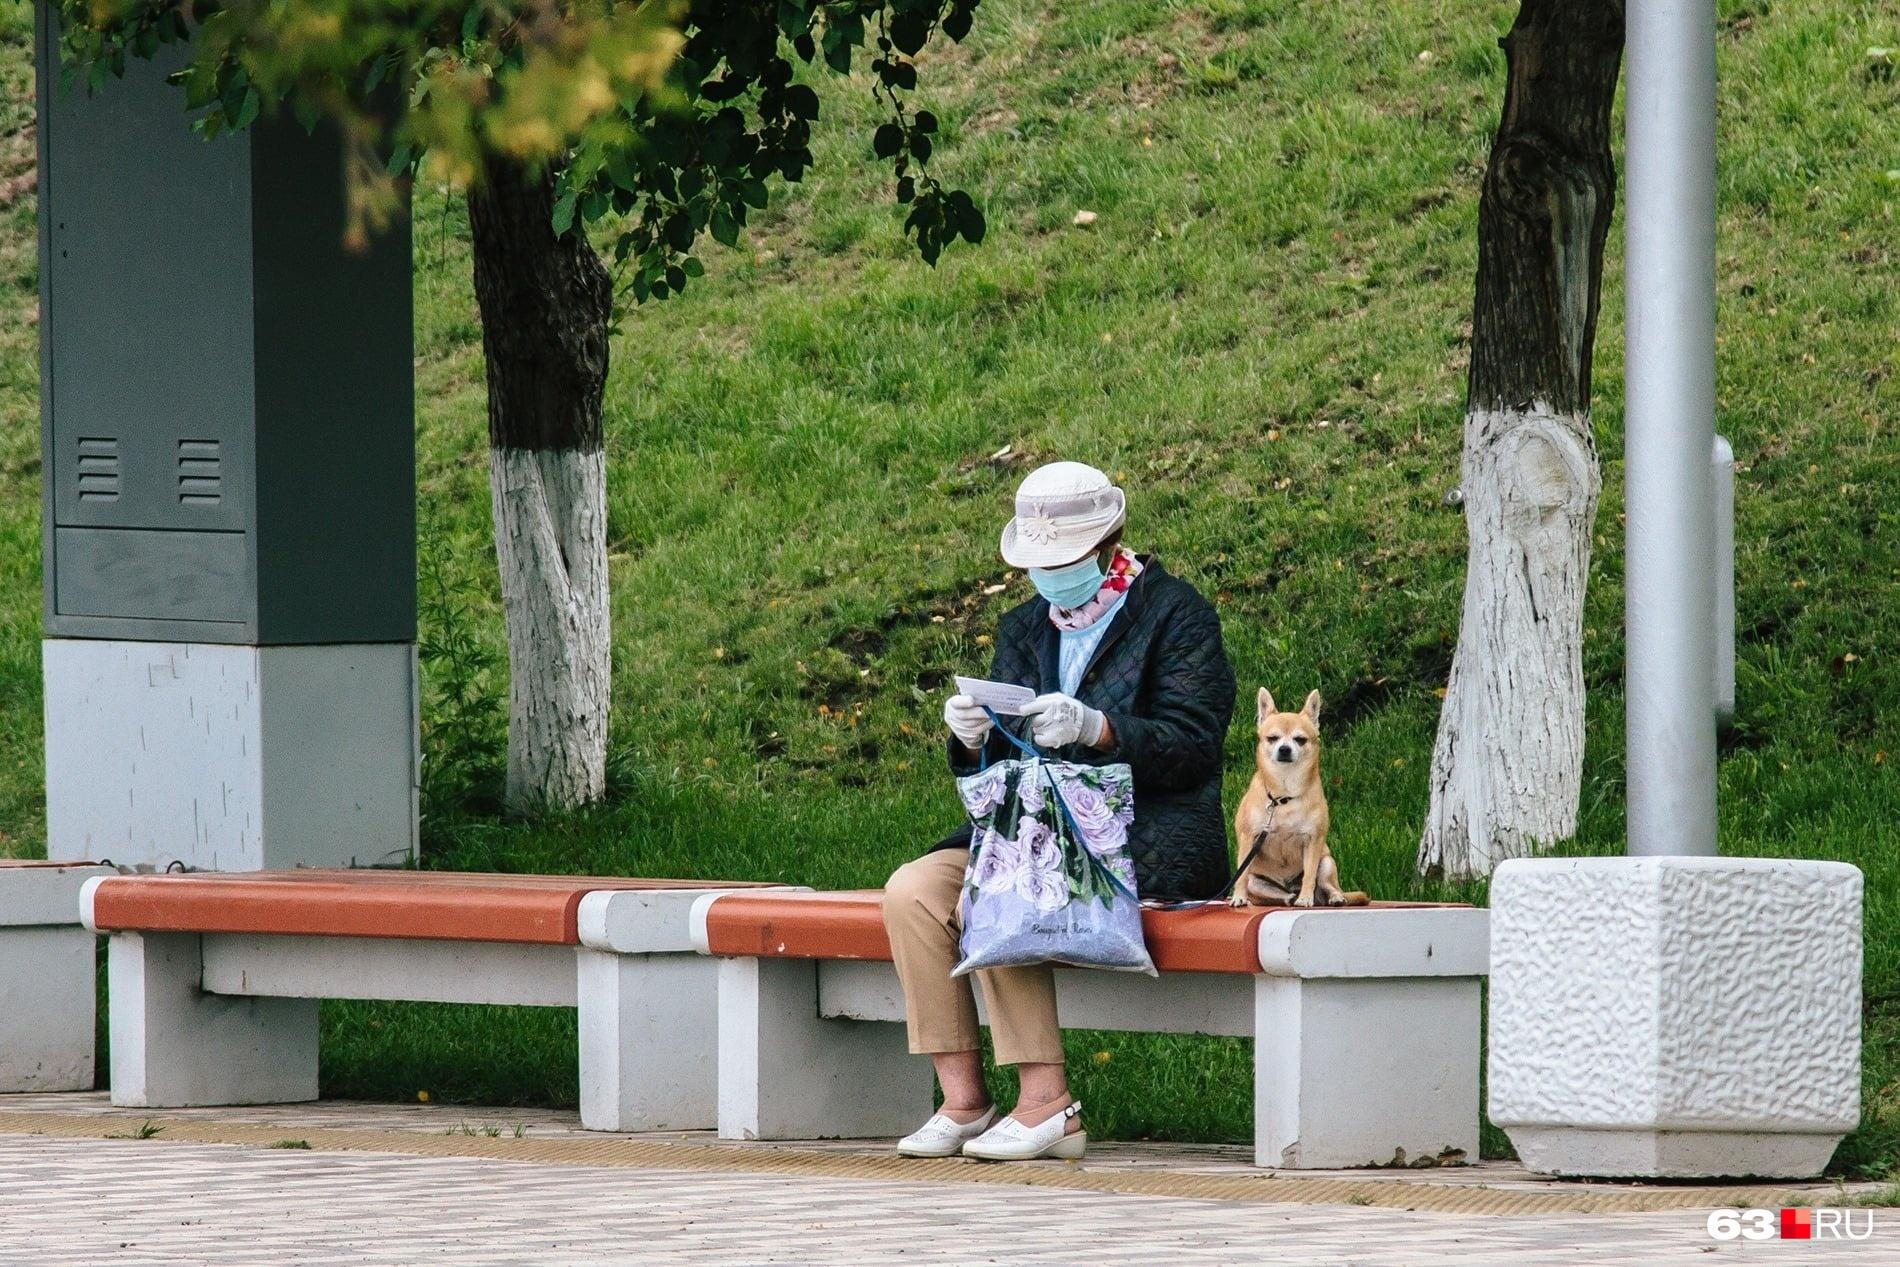 Собаководы стали особой кастой в этой пандемии: с животным можно было спокойно перемещаться по улицам